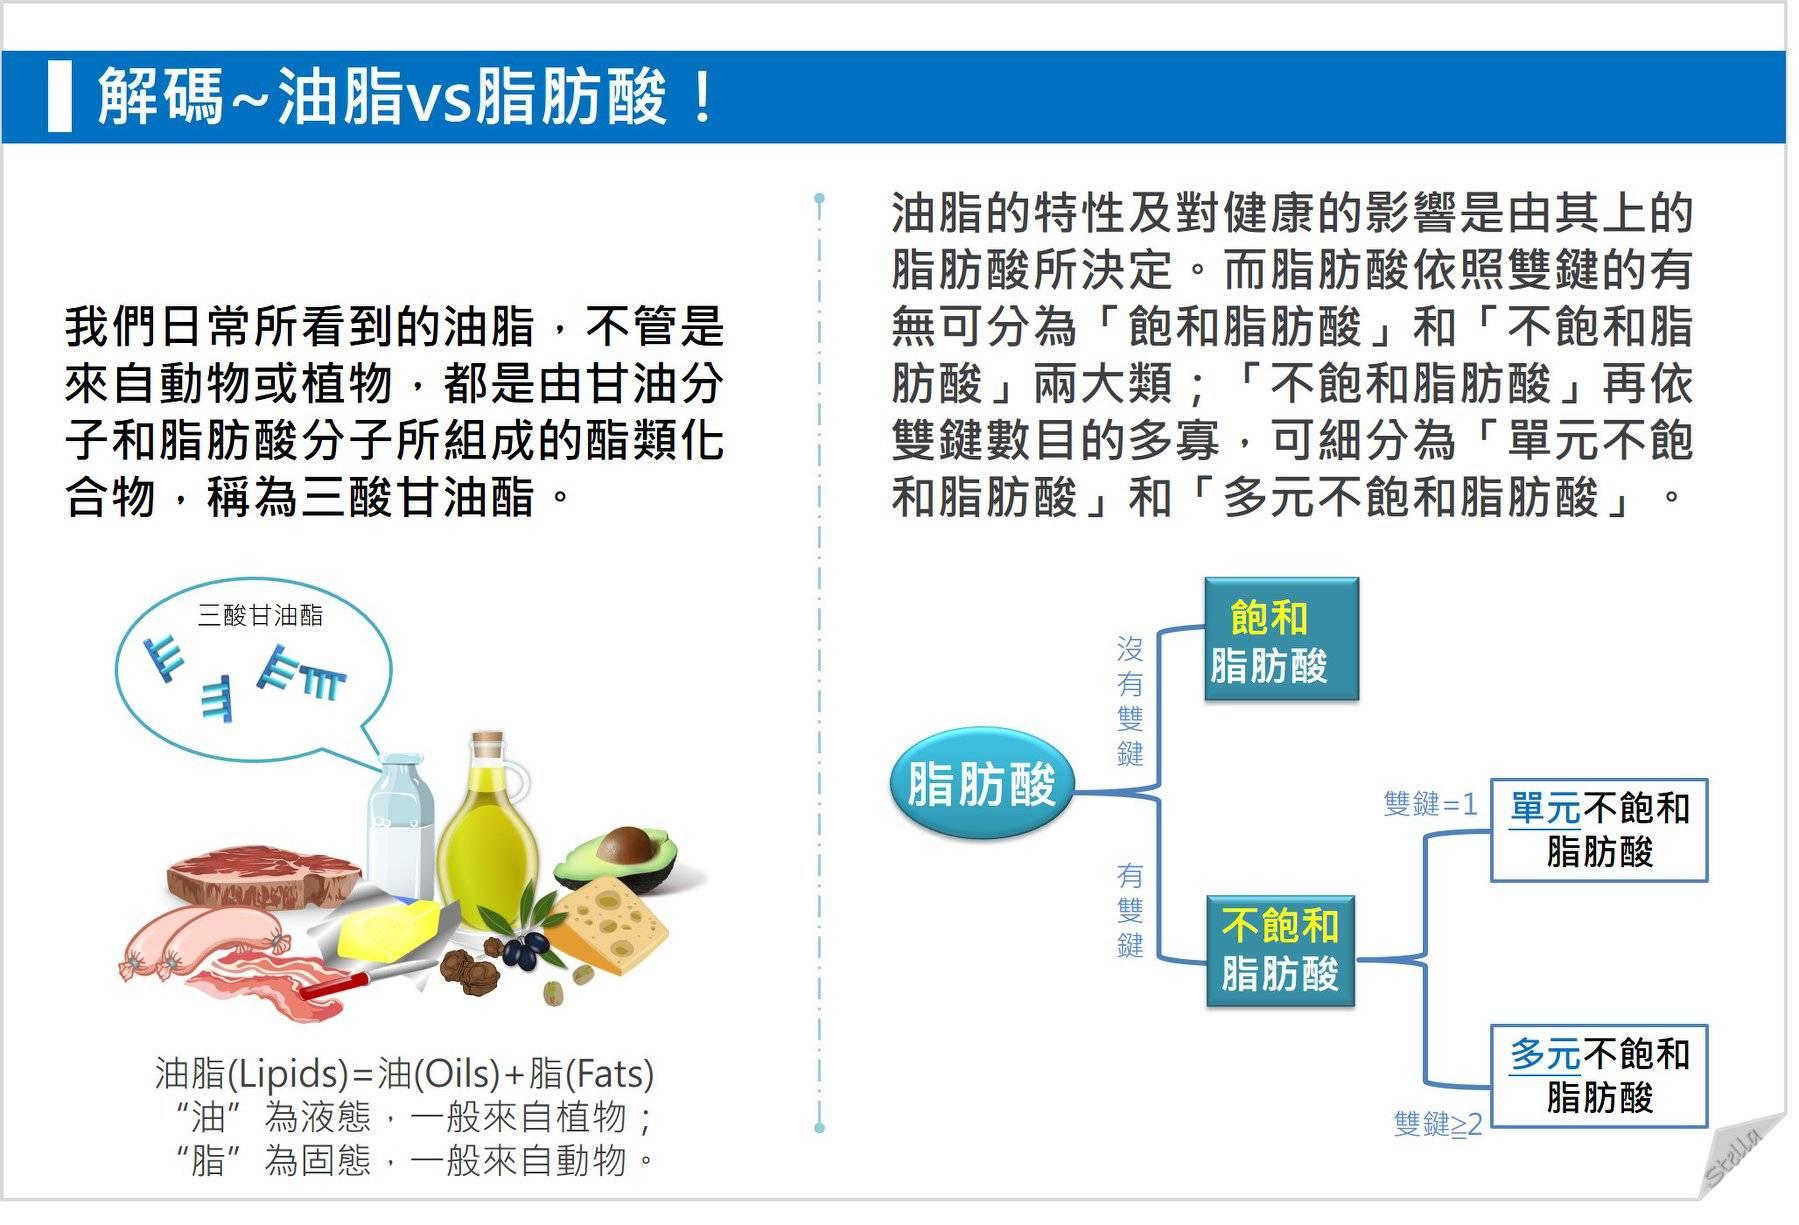 飽和 食品 不 脂肪酸